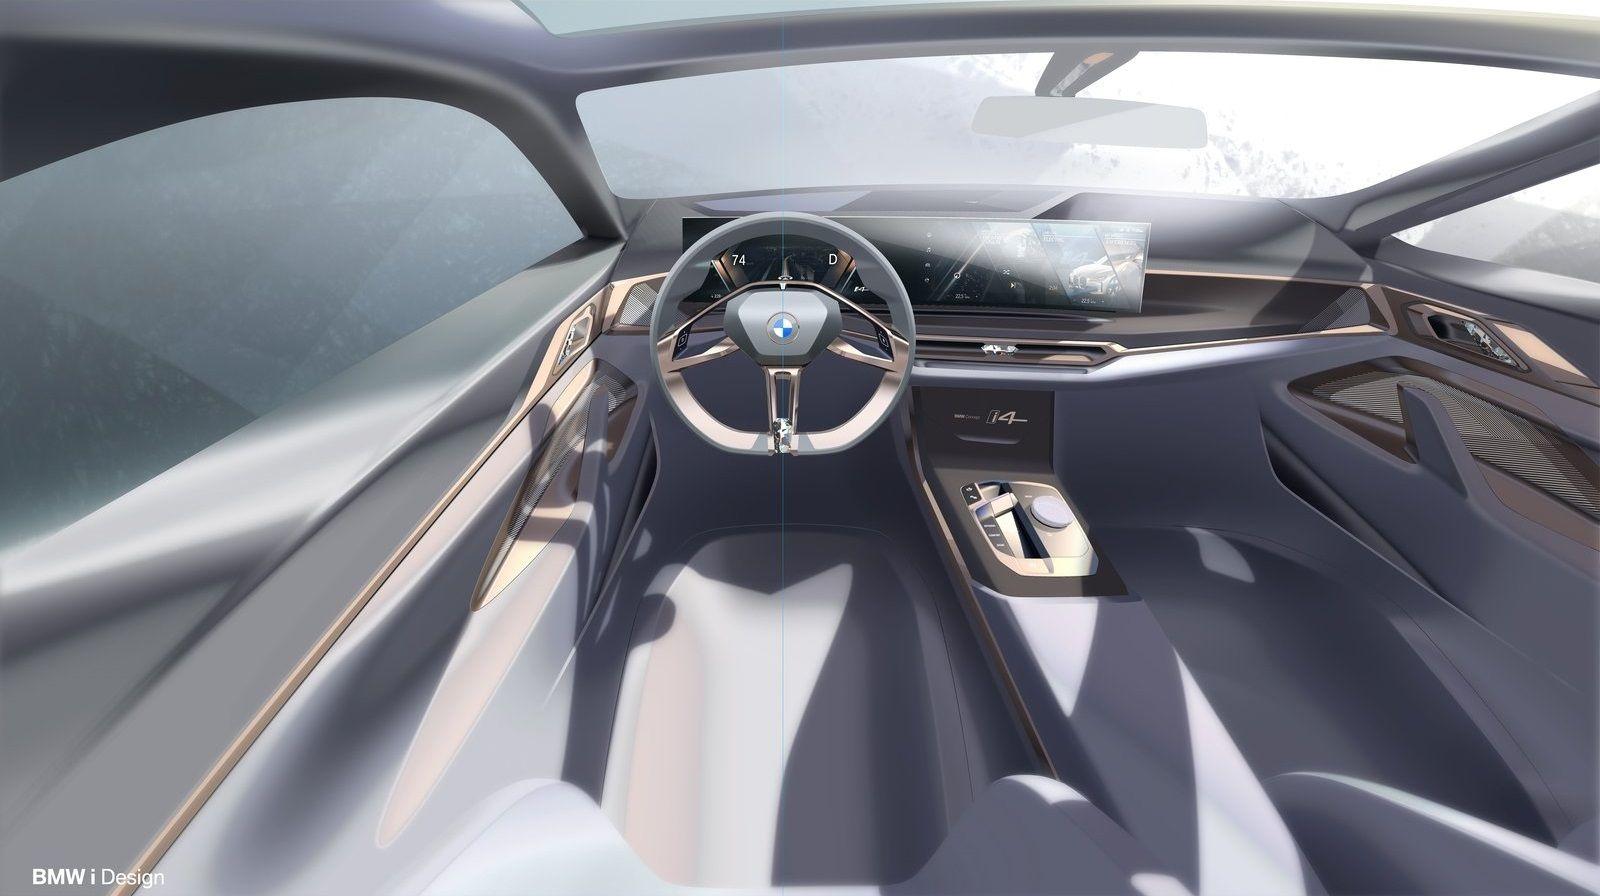 2020 Bmw I4 Concept V 2020 G Avtomobili Mechty Avtomobili